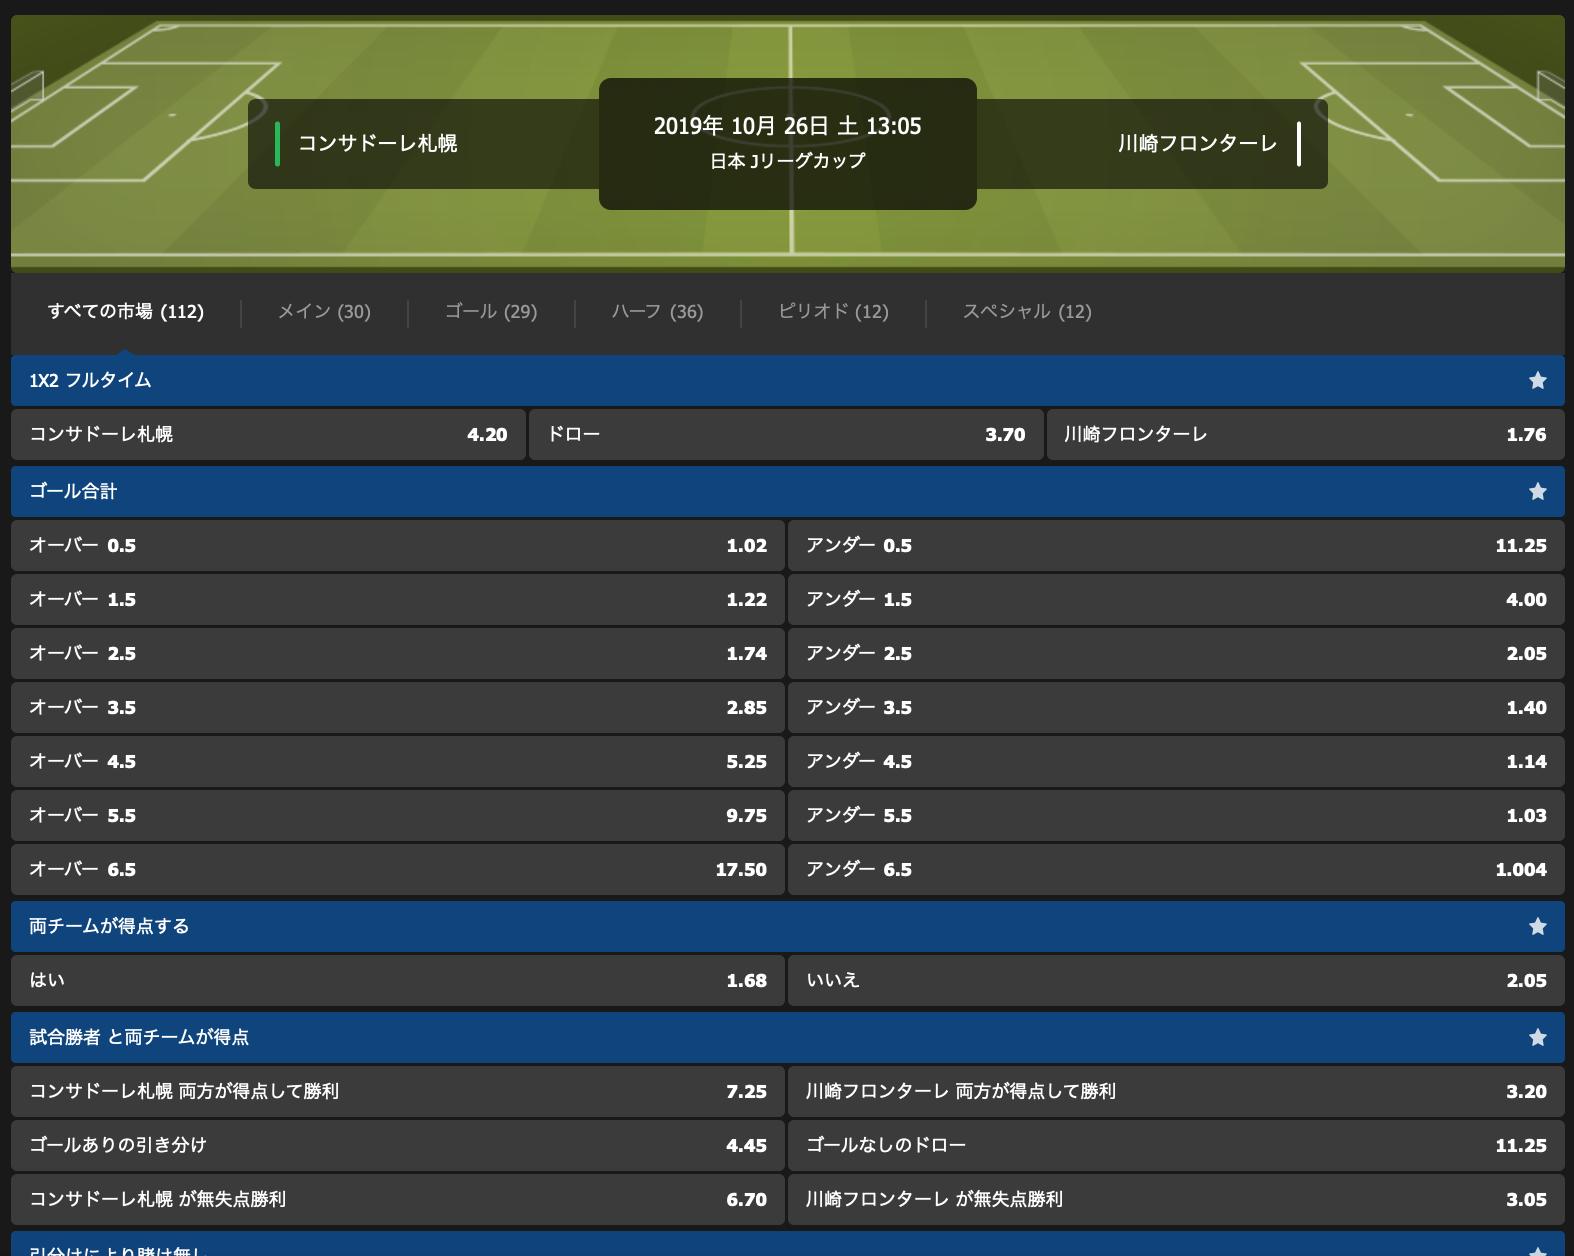 2019ルヴァン杯・Jリーグカップ決勝勝利予想オッズ・10bet Japan